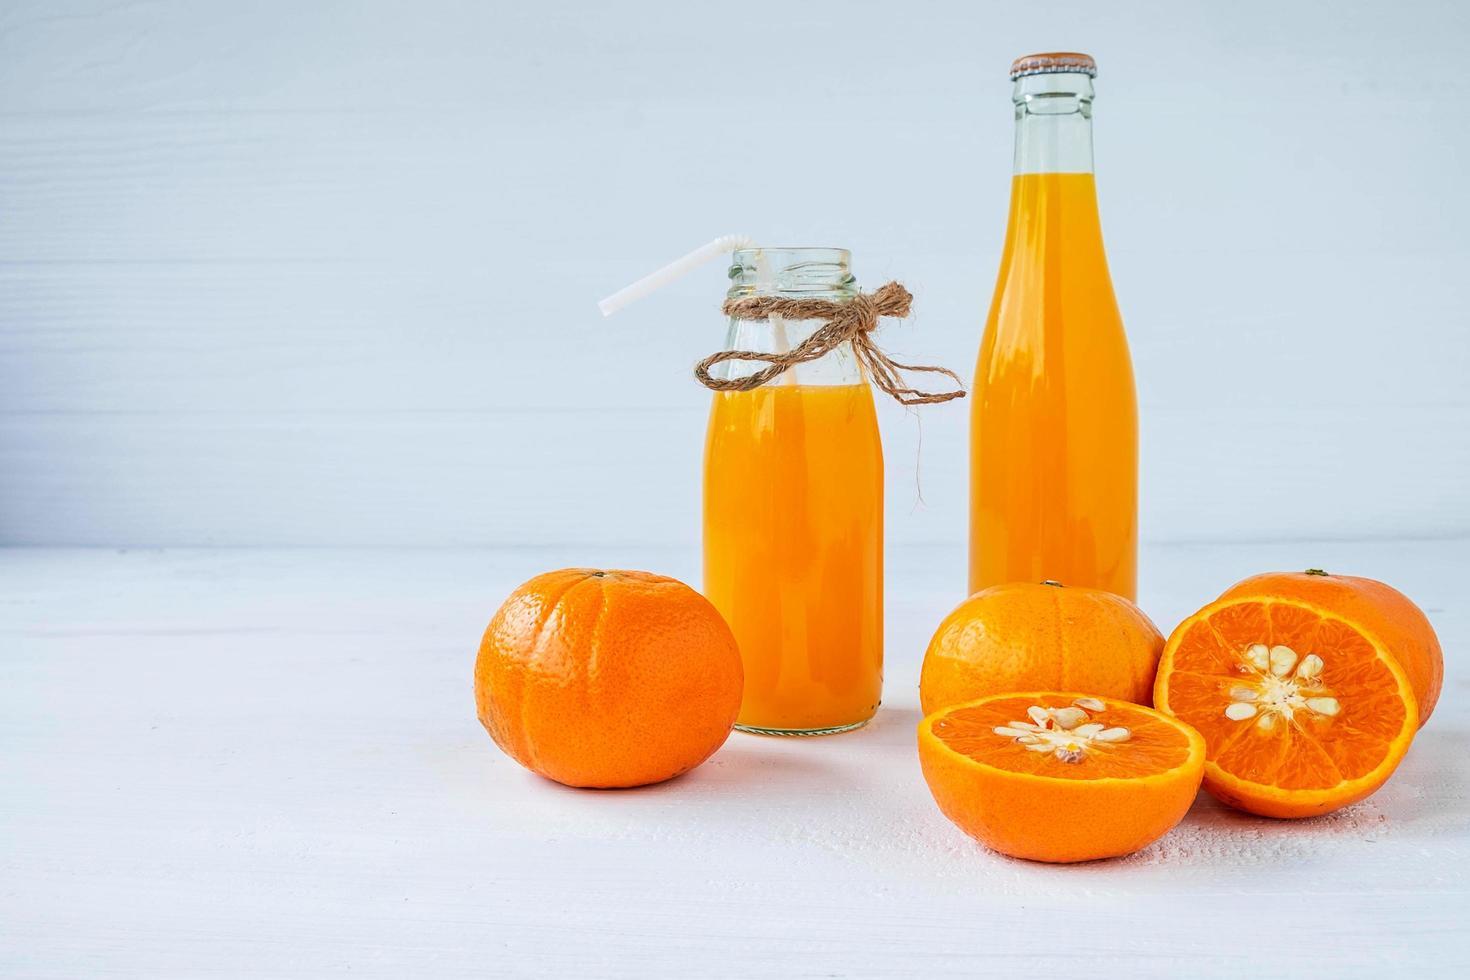 färsk orange citrusfruktsaft foto